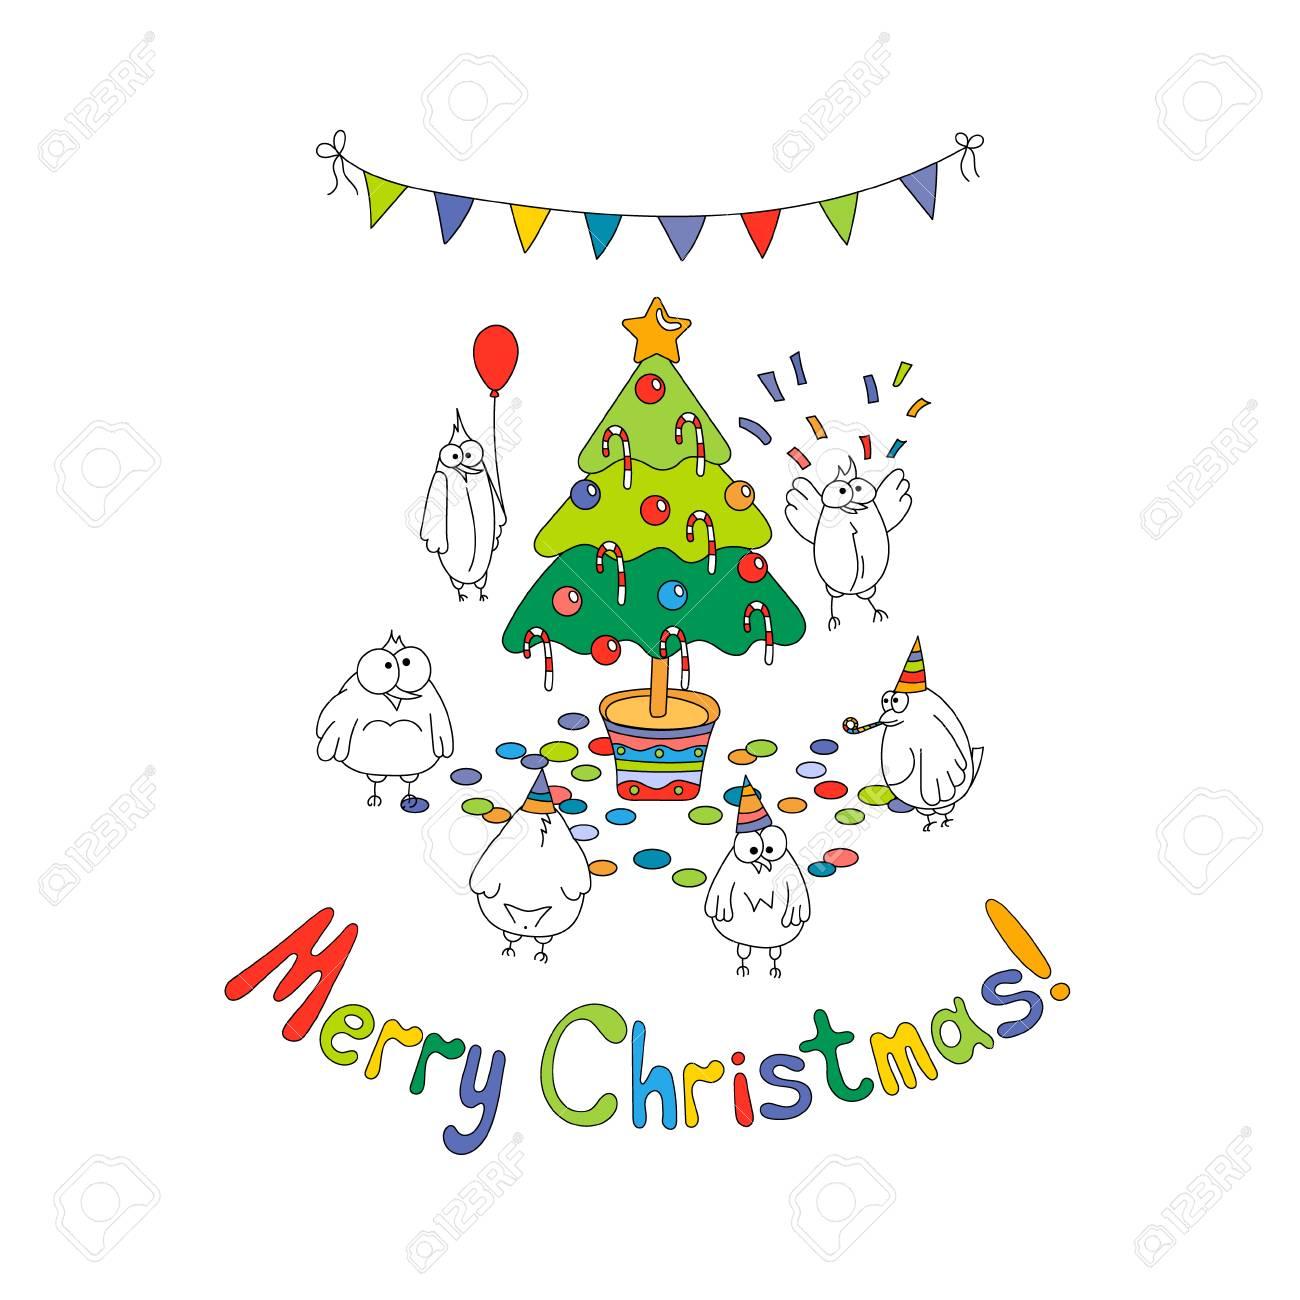 Frohe Weihnachten Grußkarte Mit Weißen Cartoon Lustige Vögel Rund Um ...